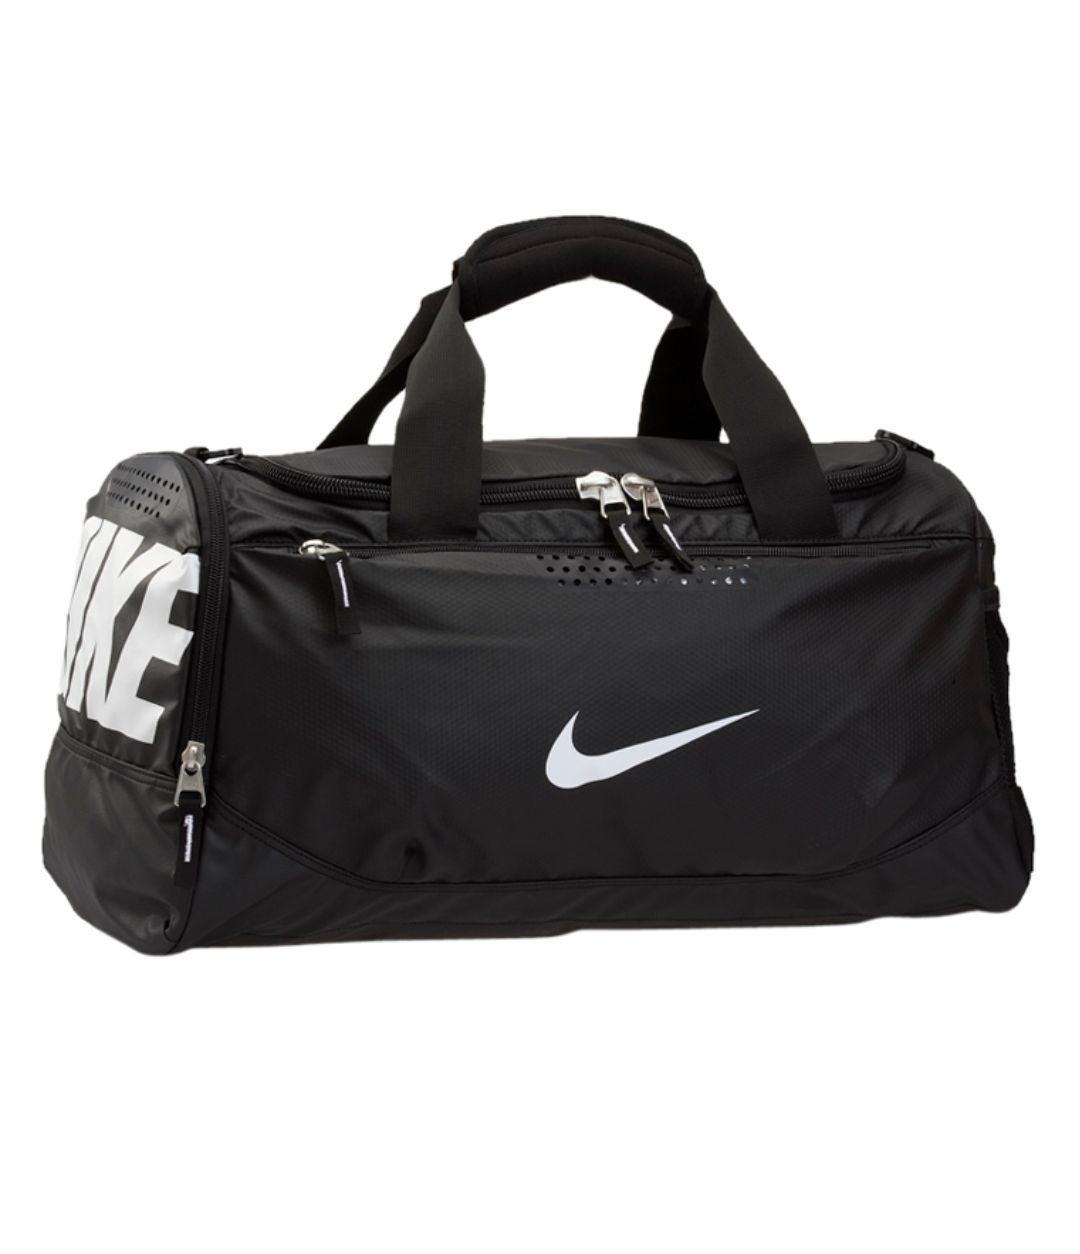 NIKE Max Air Training Team Duffel Bag